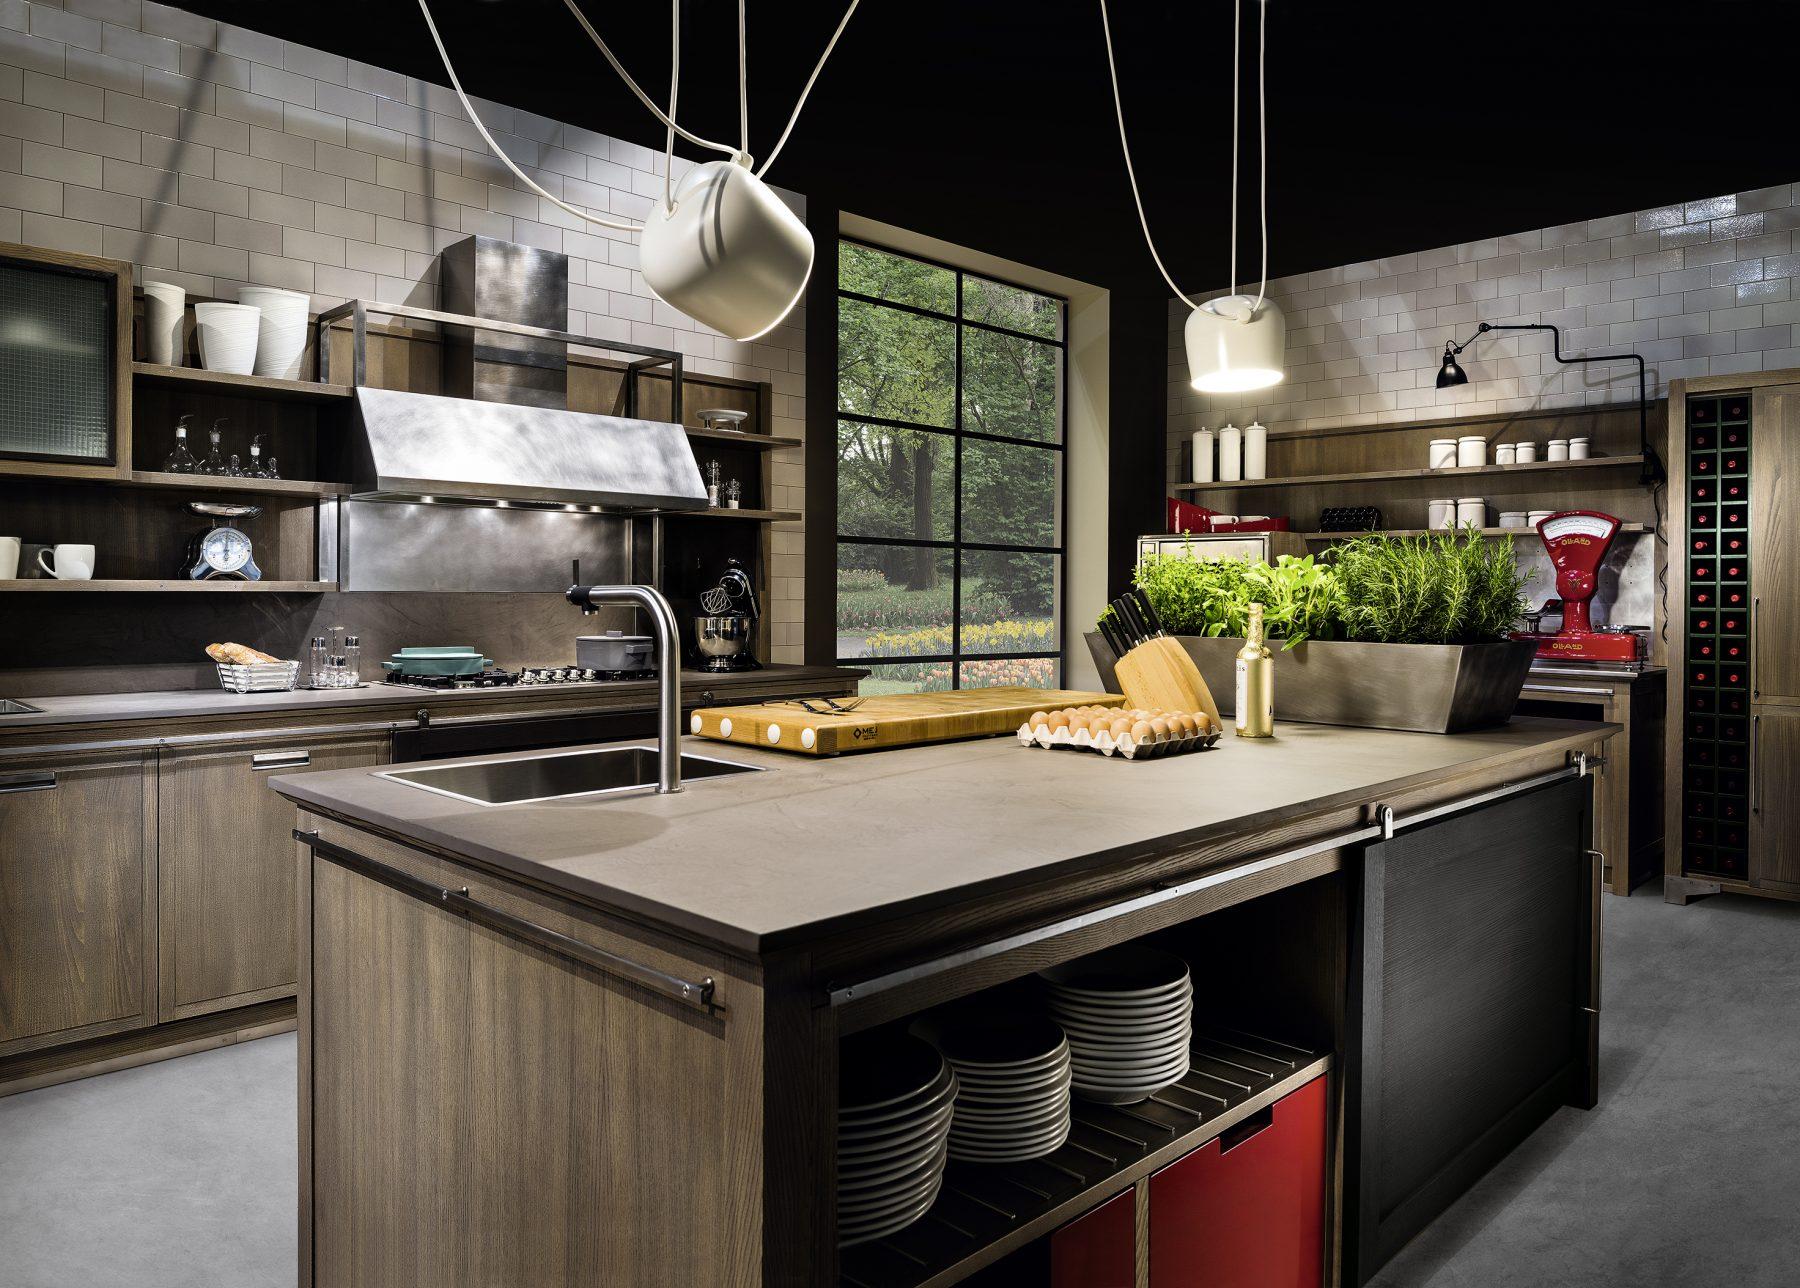 Cucina Industrial Chic - La cucina elegante con carattere | L\'Ottocento